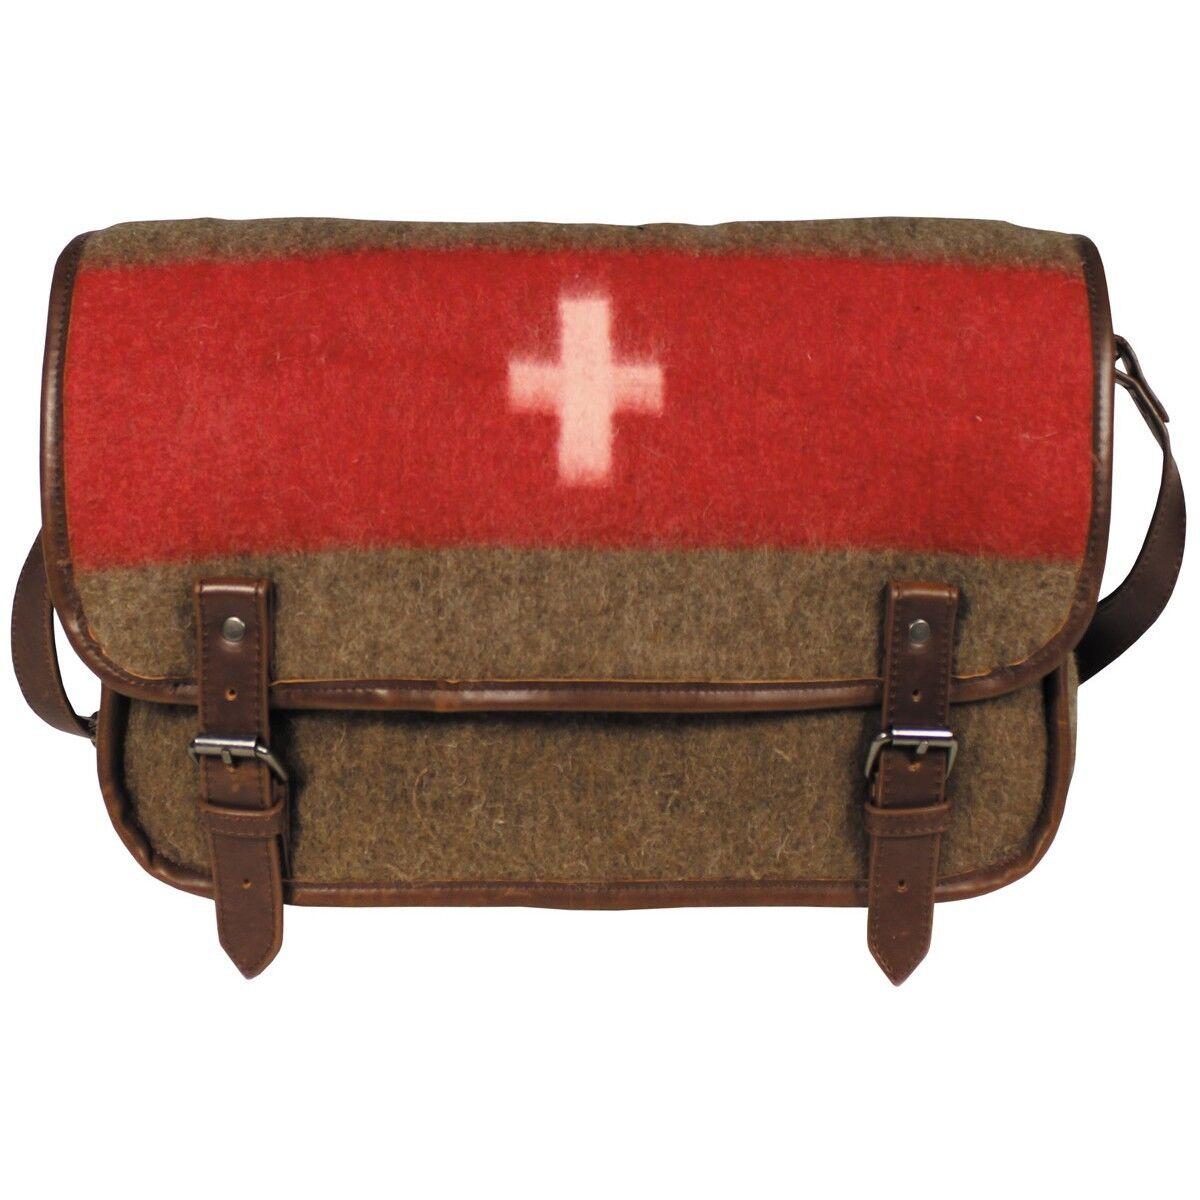 PURE TRASH Borsa Tracolla uomo donna militare svizzera Swiss Shoulder bag 30013